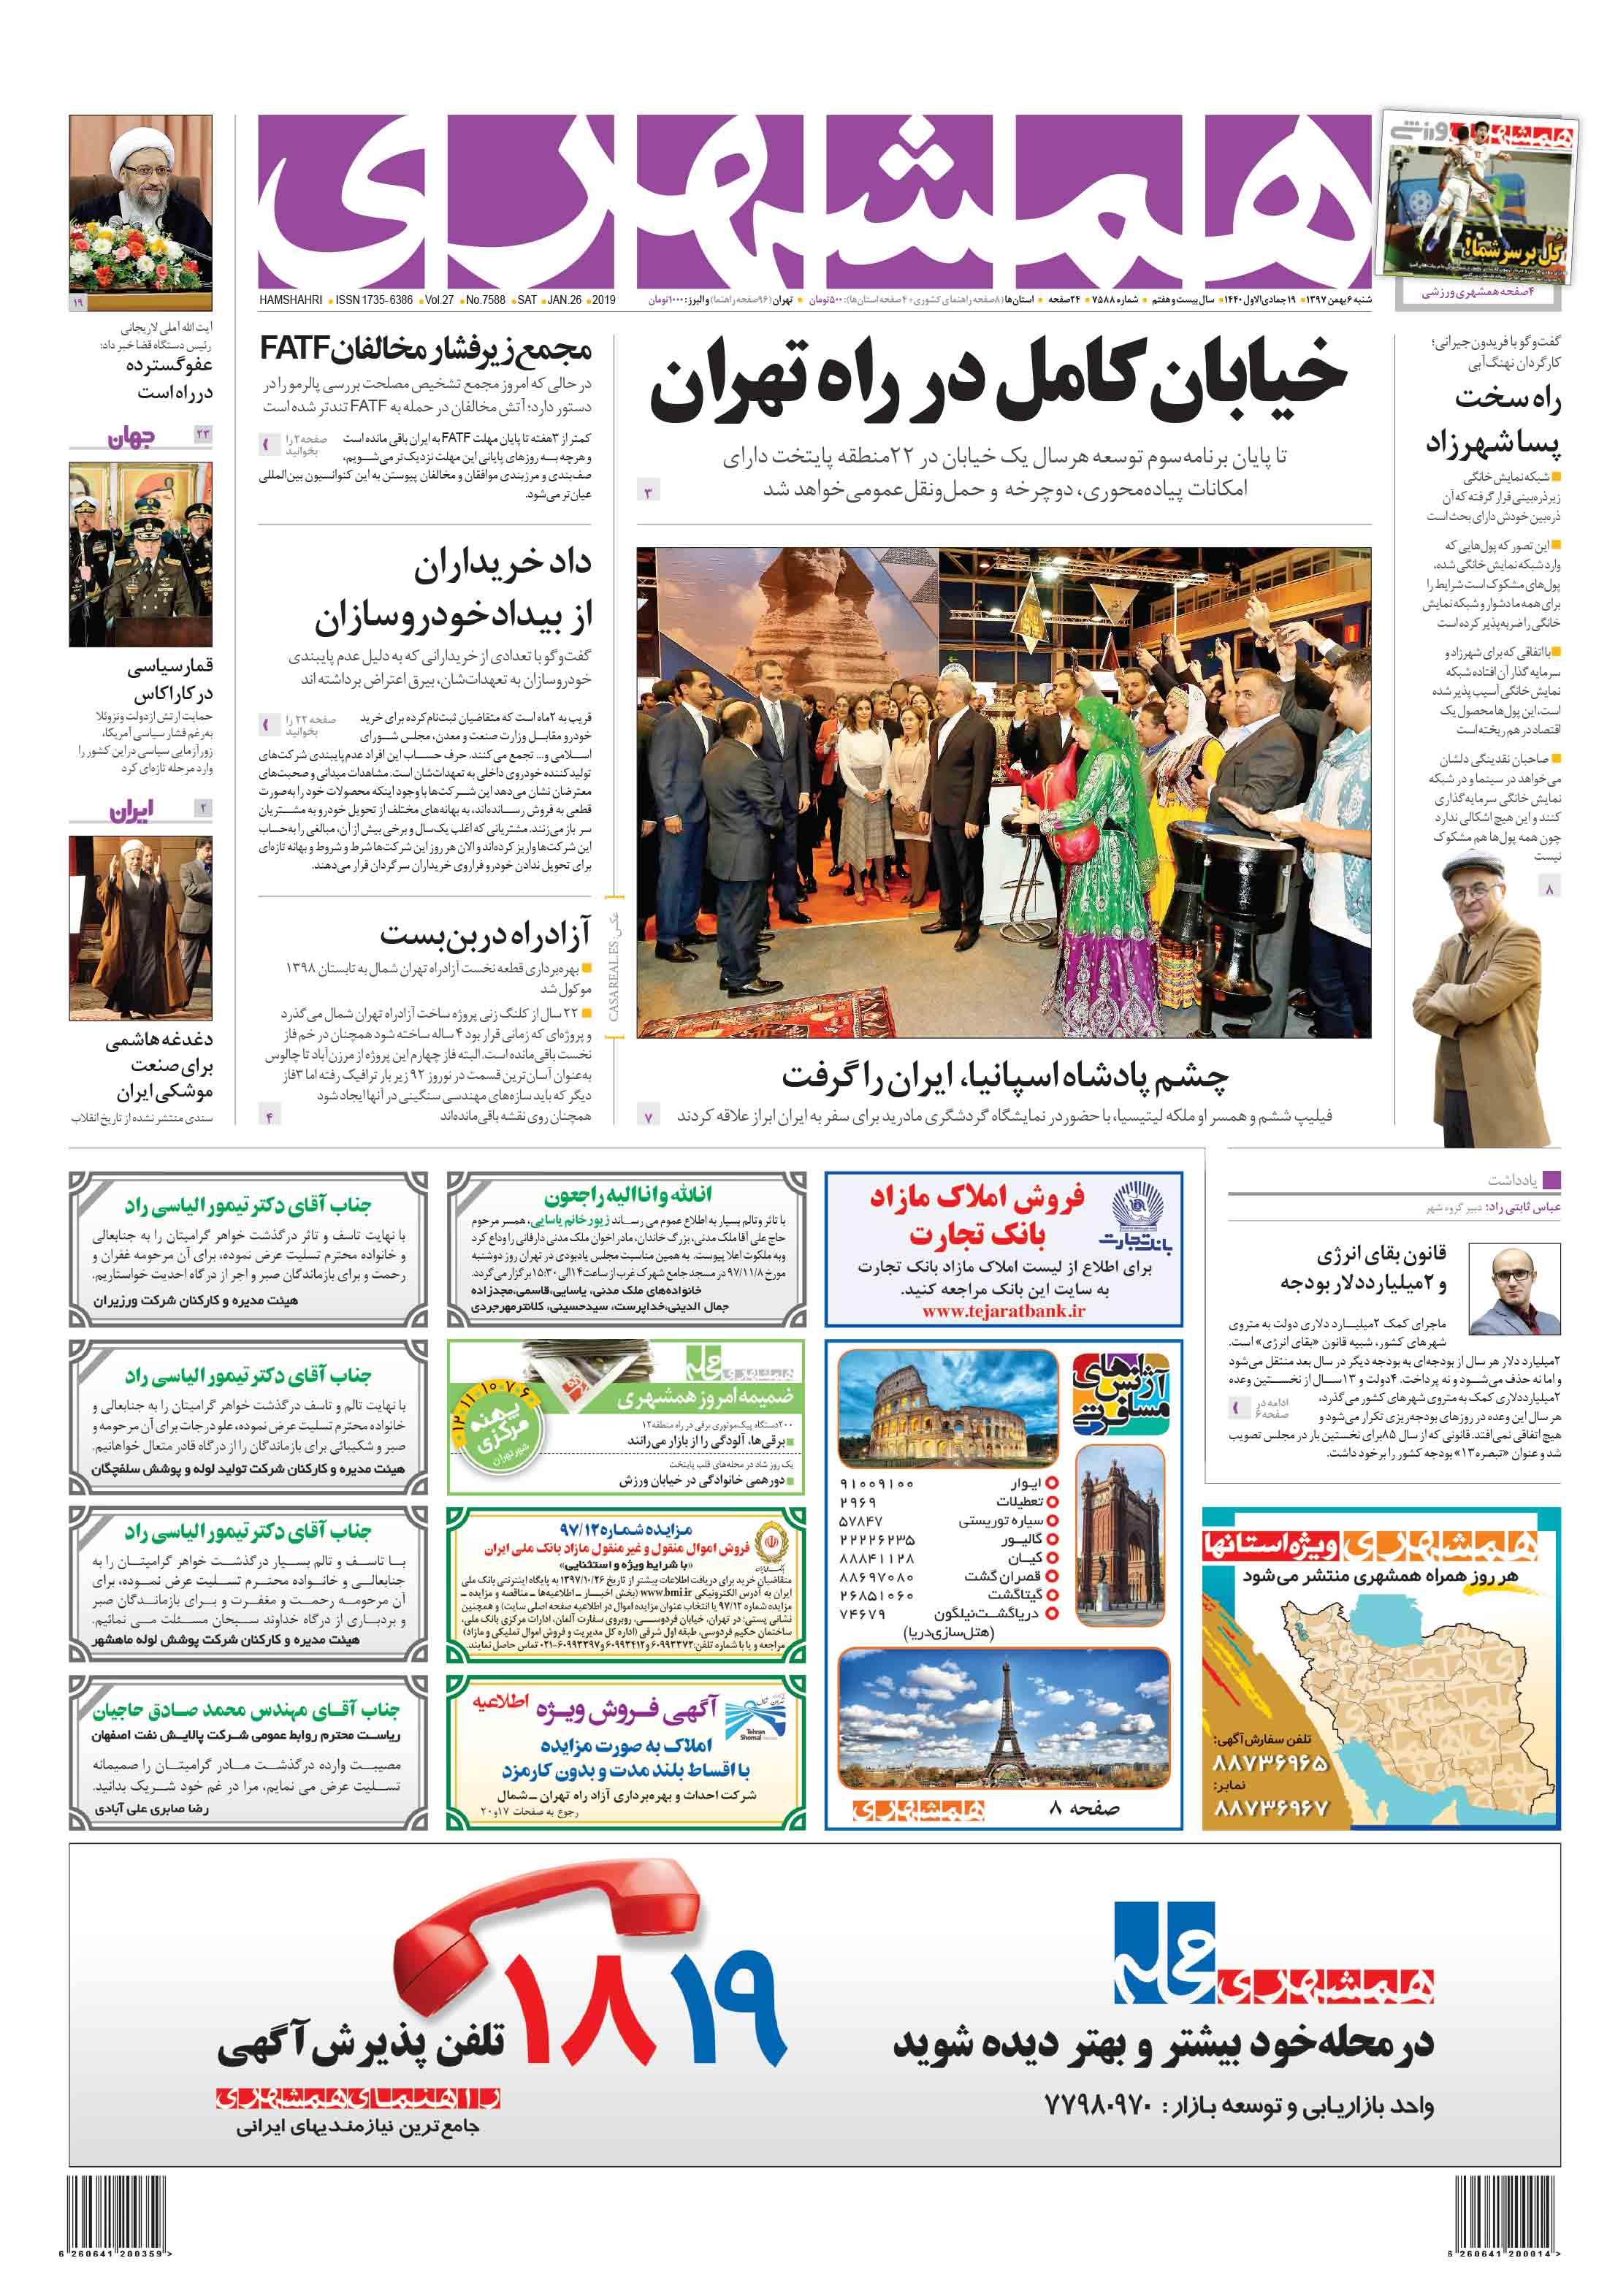 صفحه اول شنبه 6 بهمن 1397